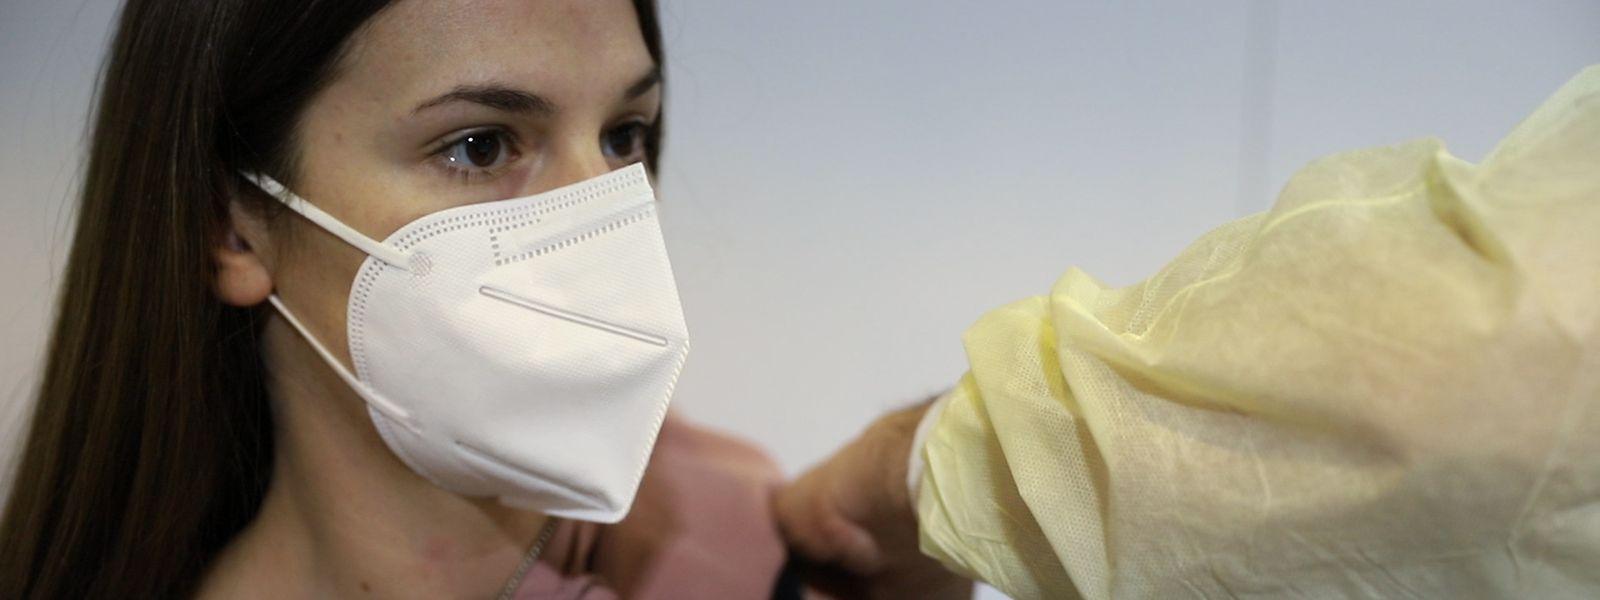 Entre mai et juillet, plusieurs centaines de milliers d'invitations vont être envoyées par le CTIE pour permettre aux 16-54 ans d'être vaccinés.